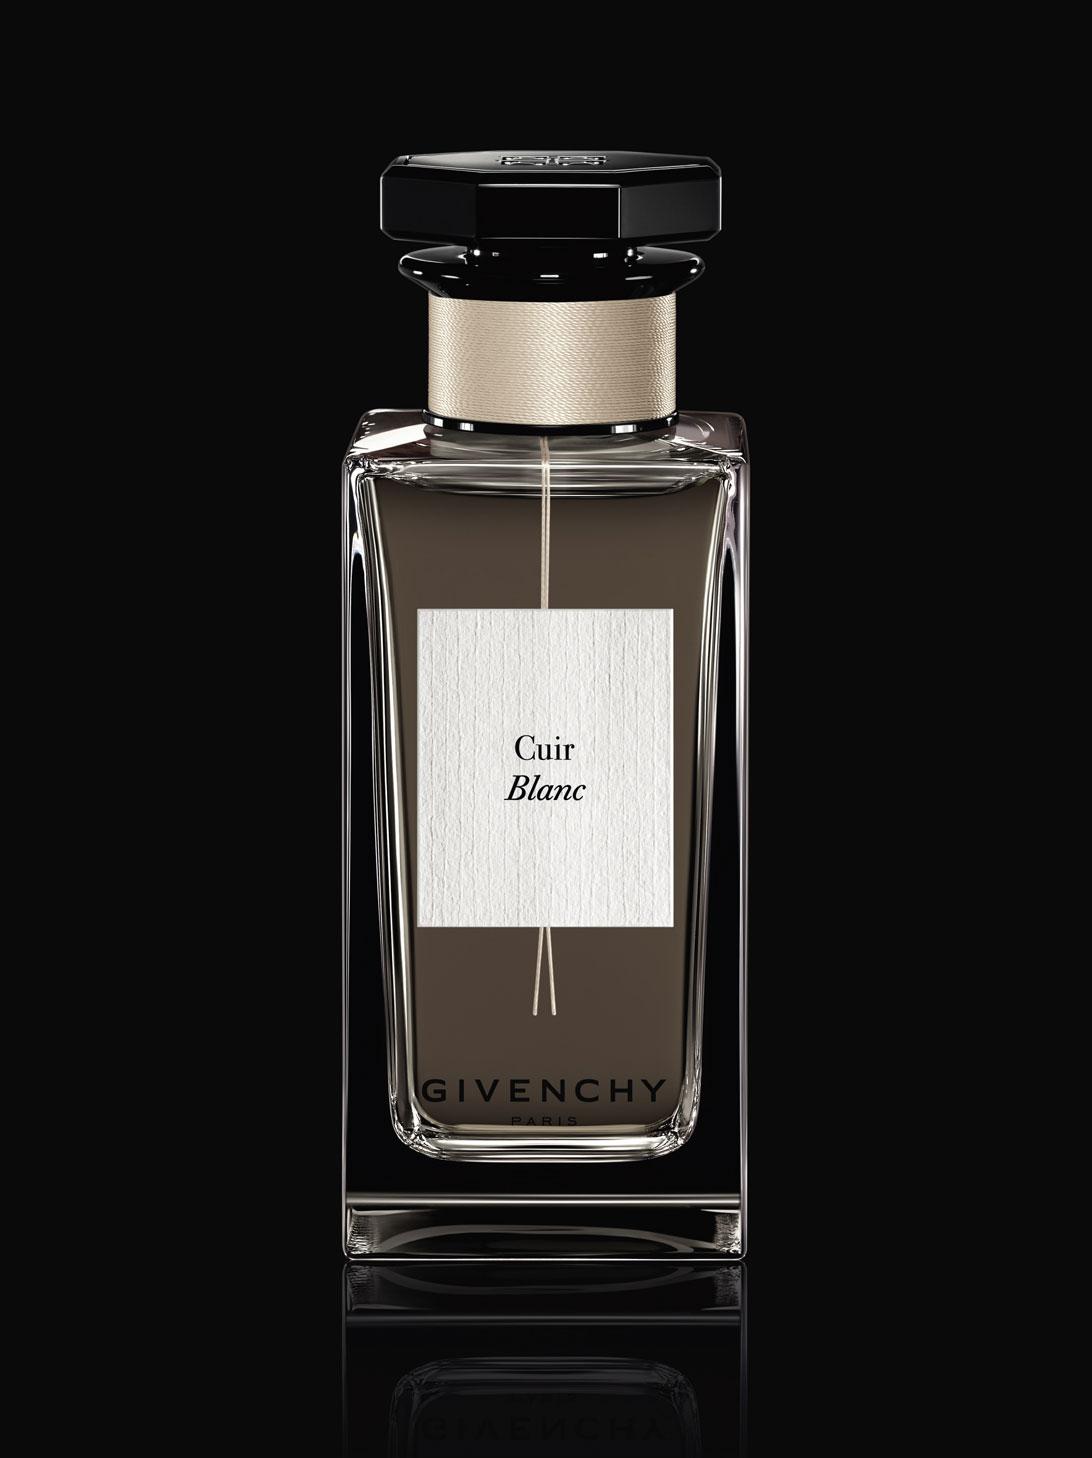 GivenchyEau Blanc ∷ Givenchy Parfum De Cuir • L'atelier TF1JlKc